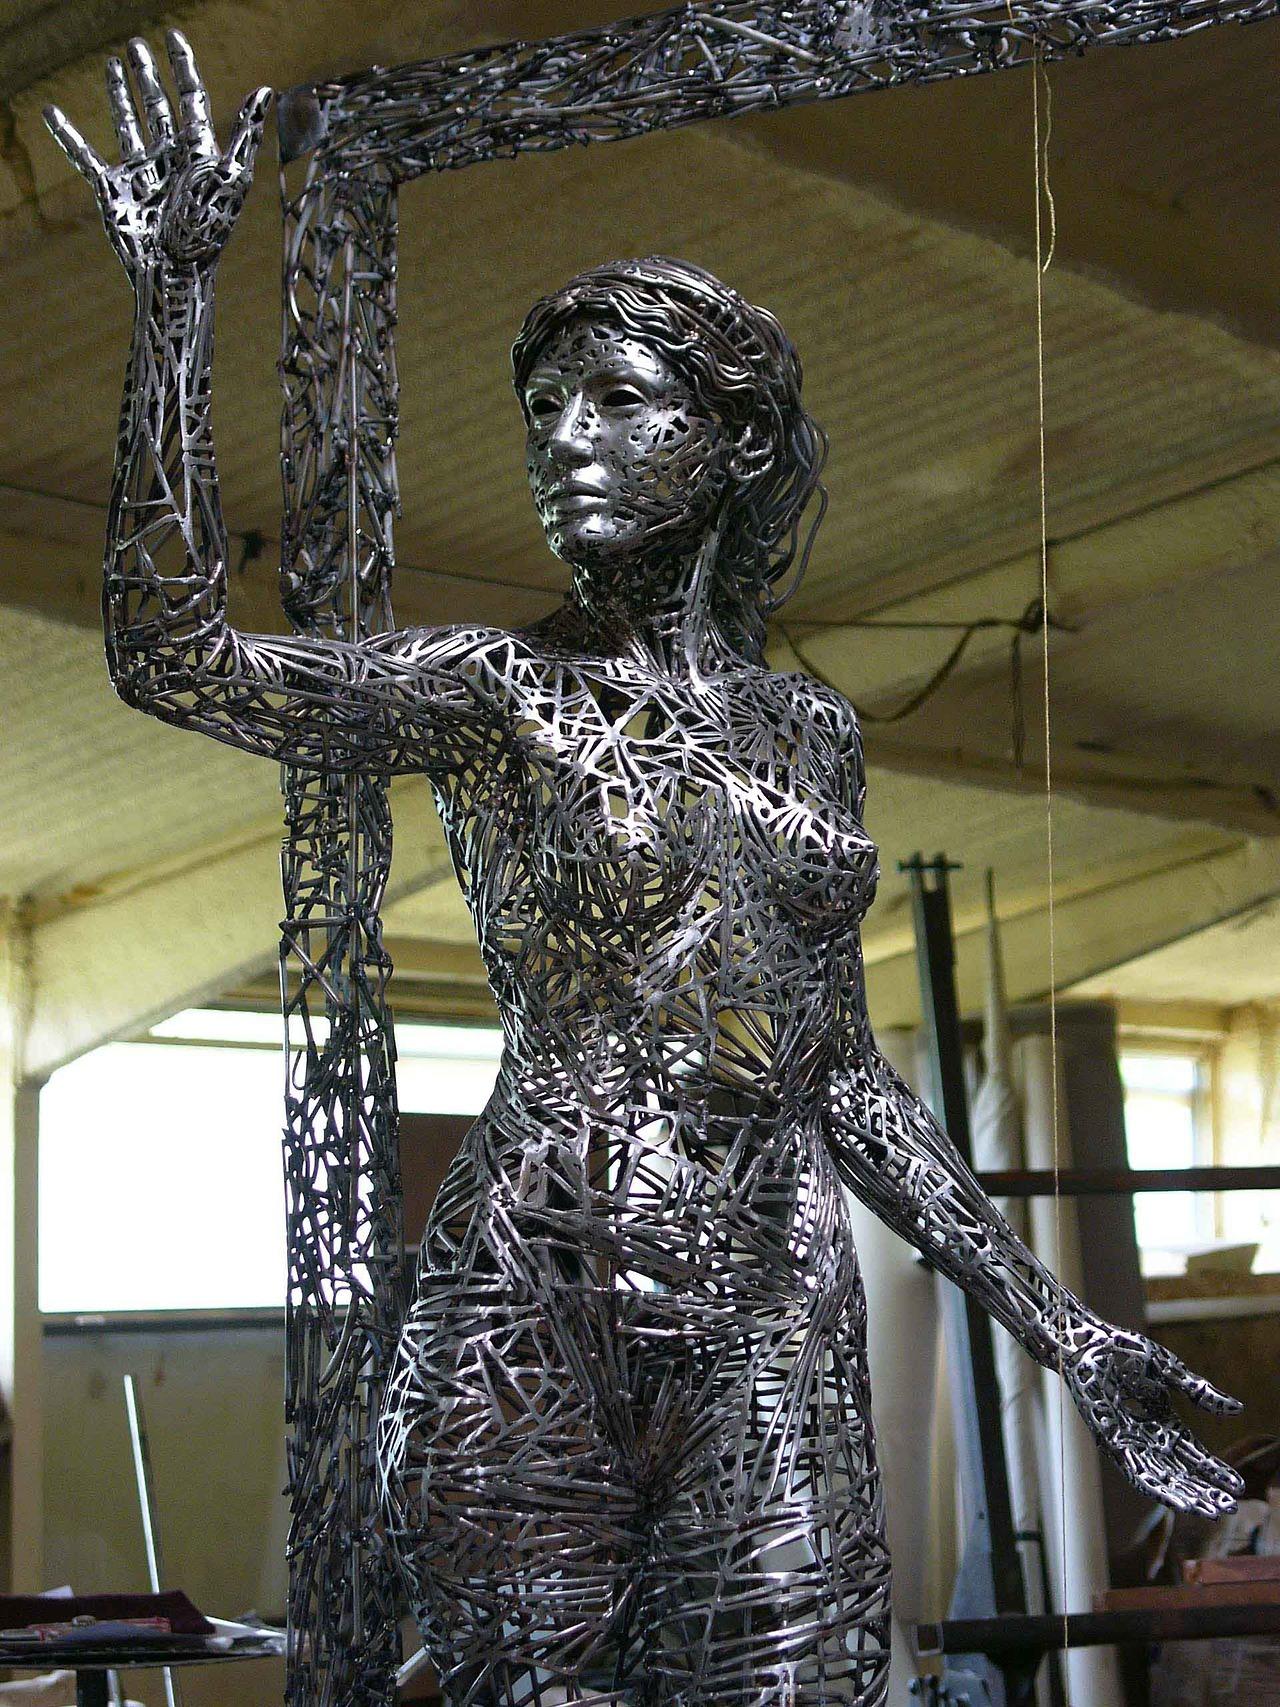 human-sculptures-jordi-fernandez-07